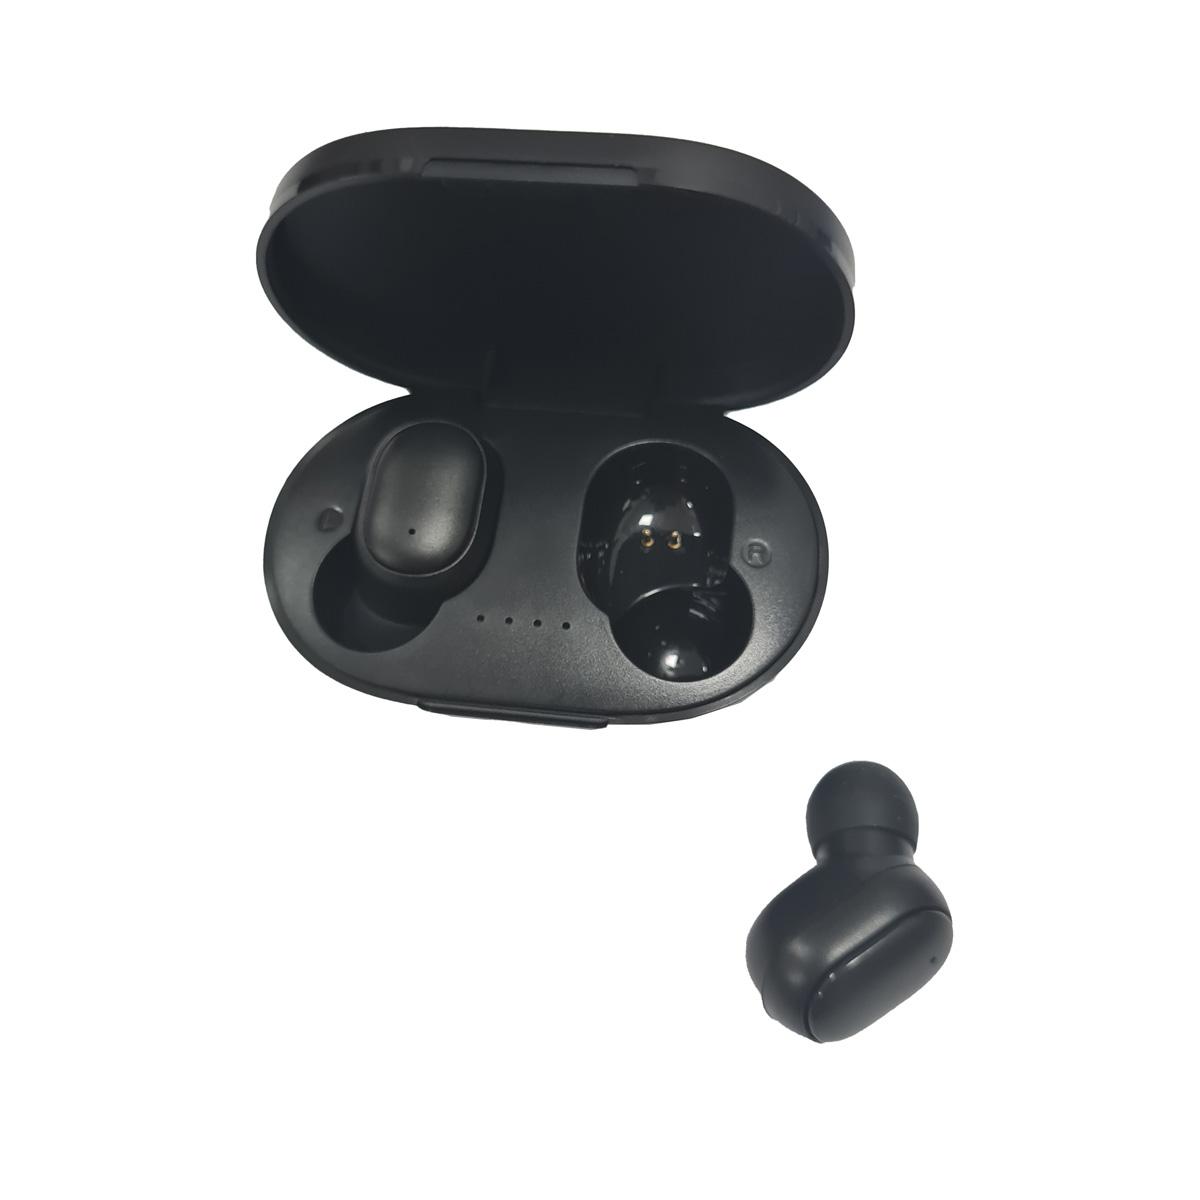 Fone de Ouvido Sem Fio Wireless Bluetooth Preto FON-8592 Inova